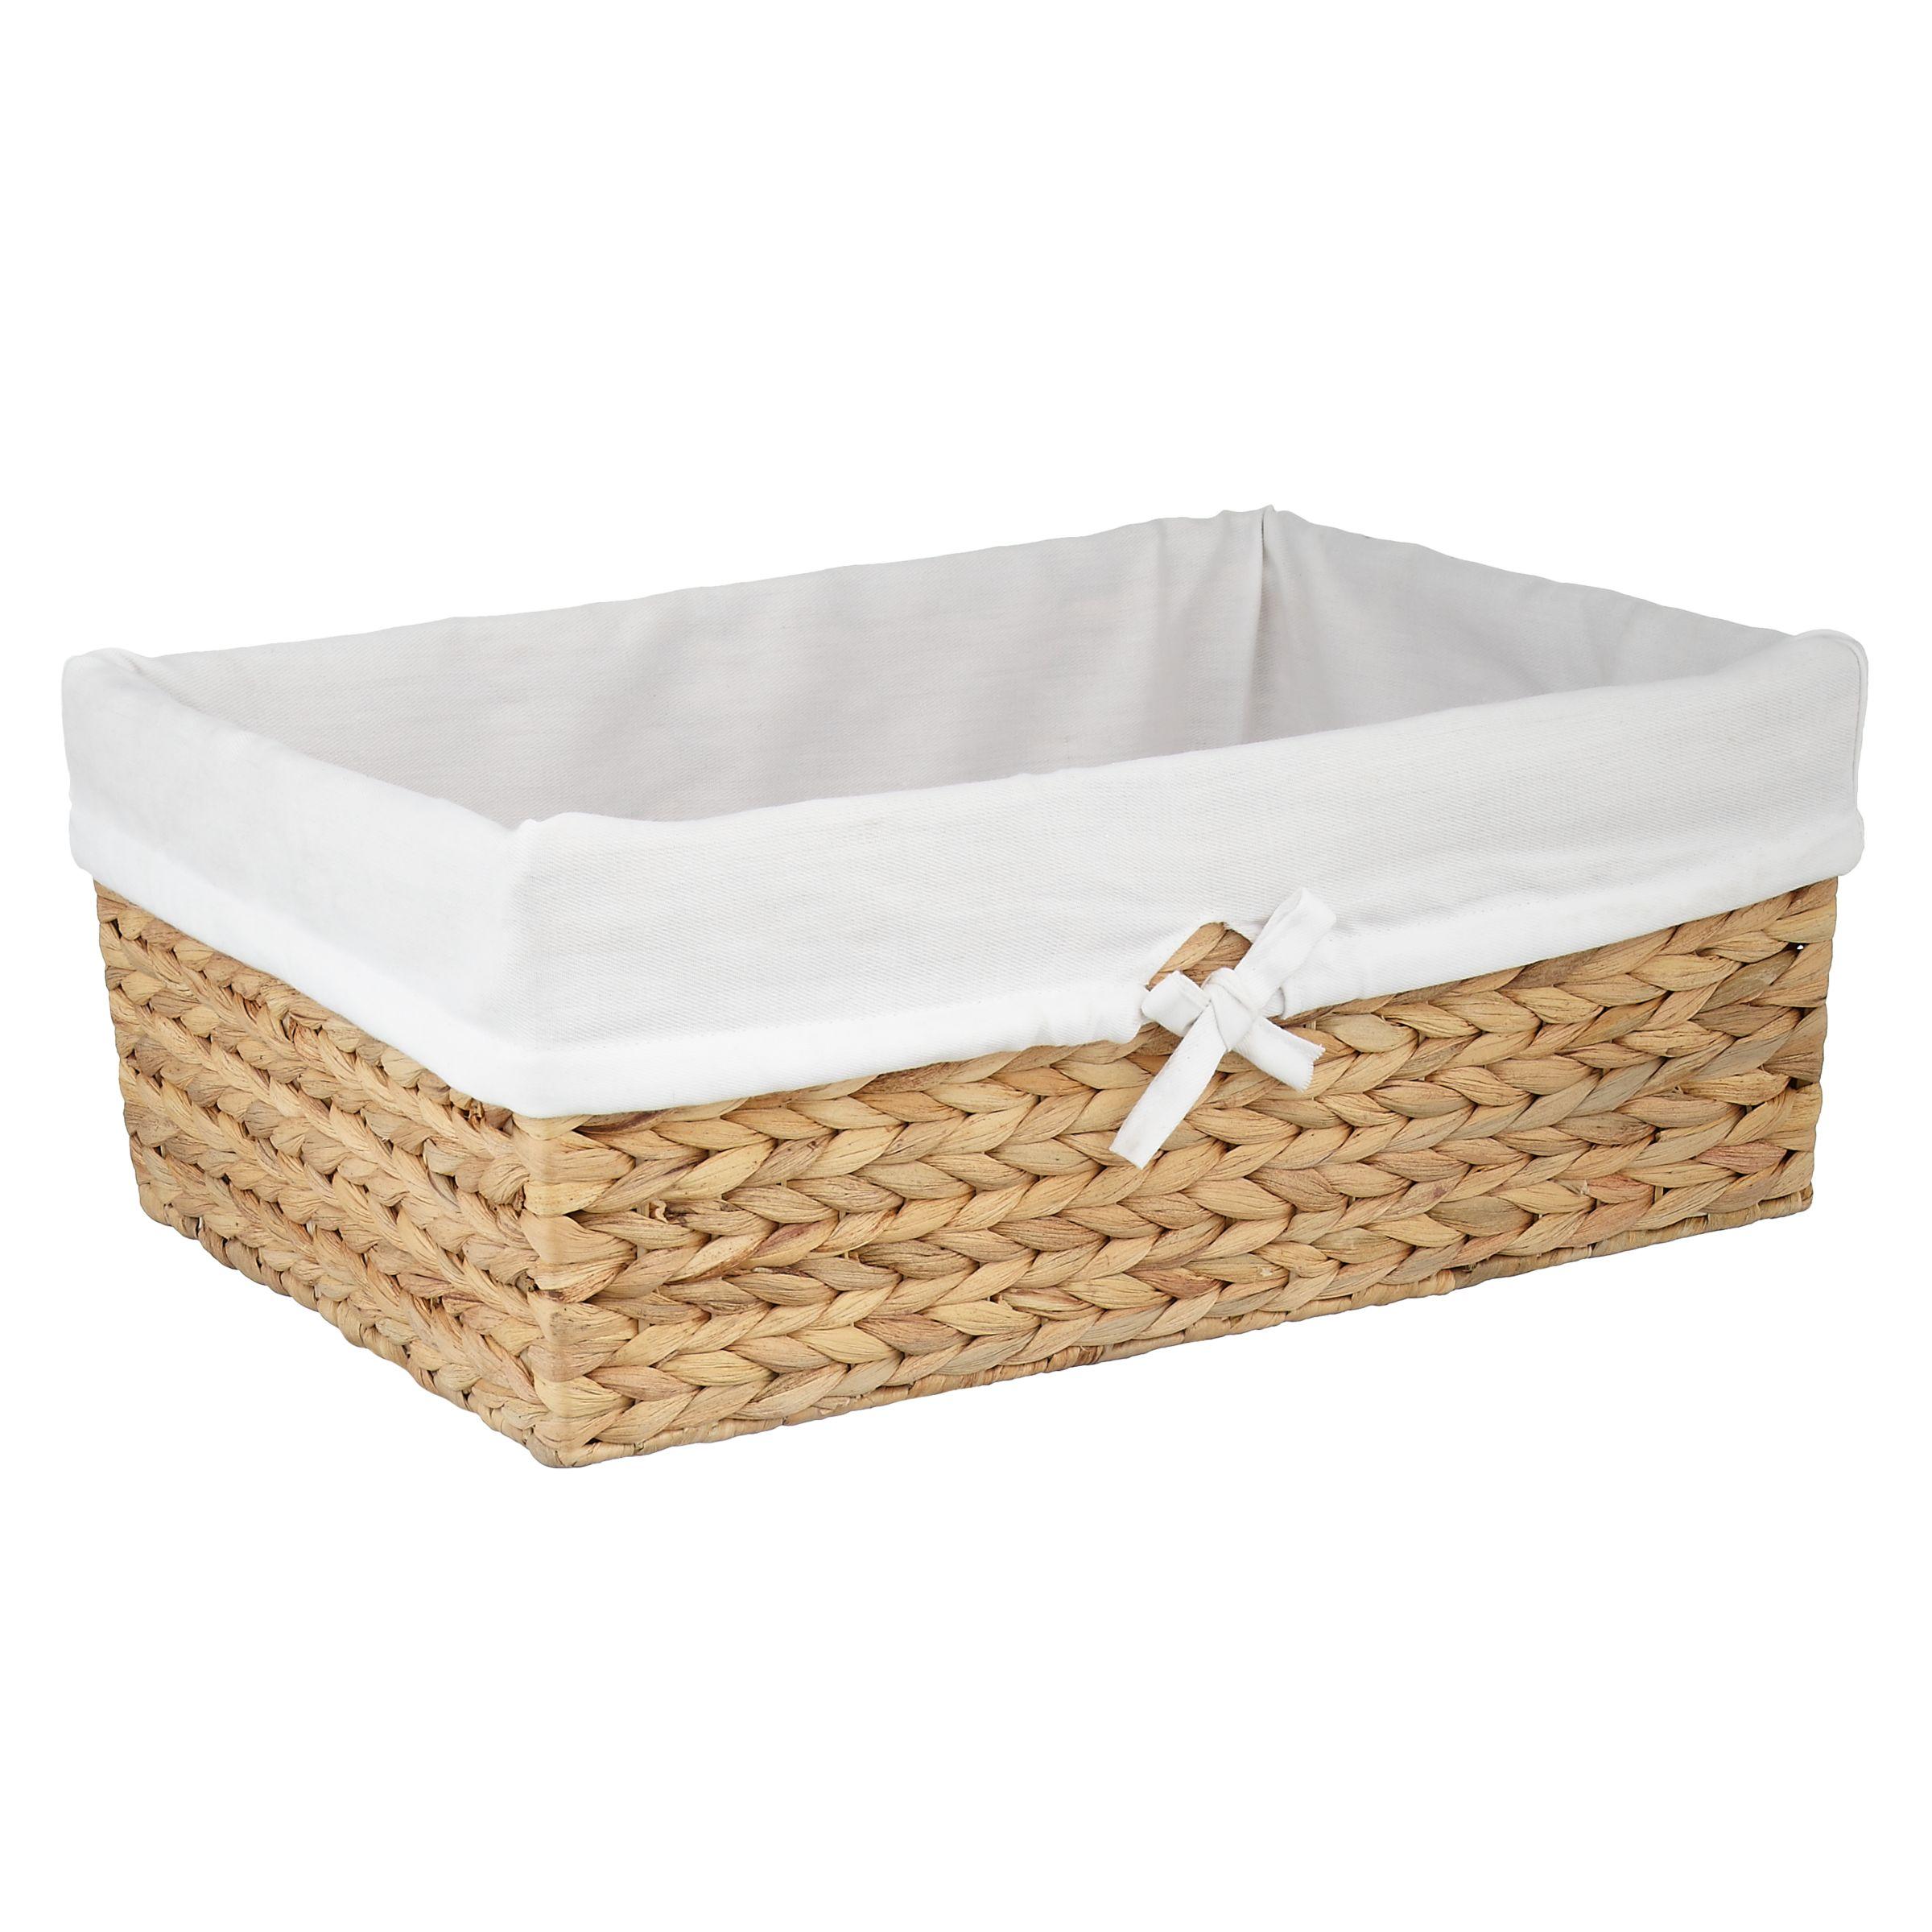 John Lewis Water Hyacinth Towel Baskets Natural At John Lewis Partners